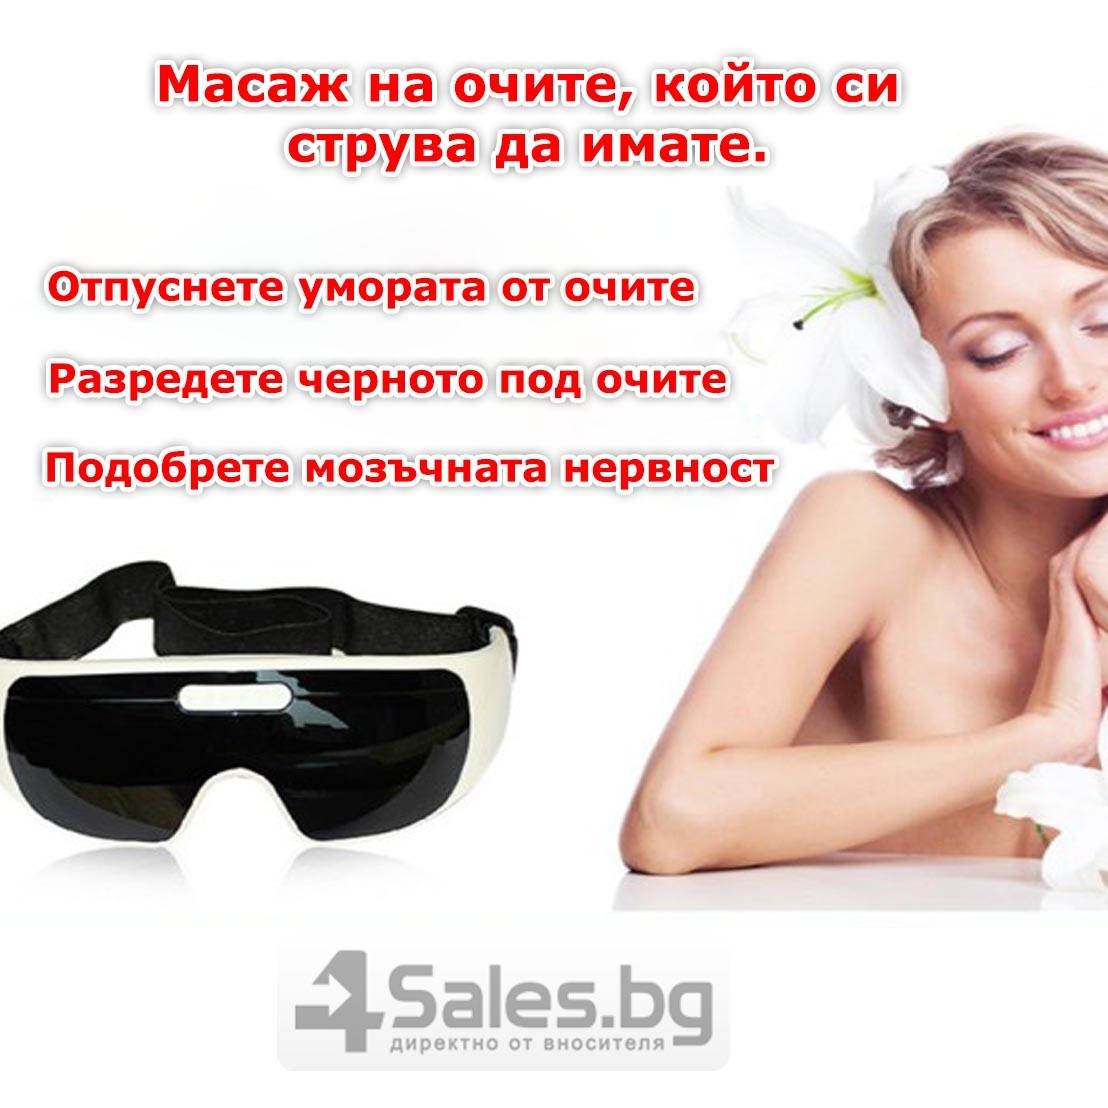 Акупунктурен масажор за очи с вибрации и регулираща се лента TV75 9